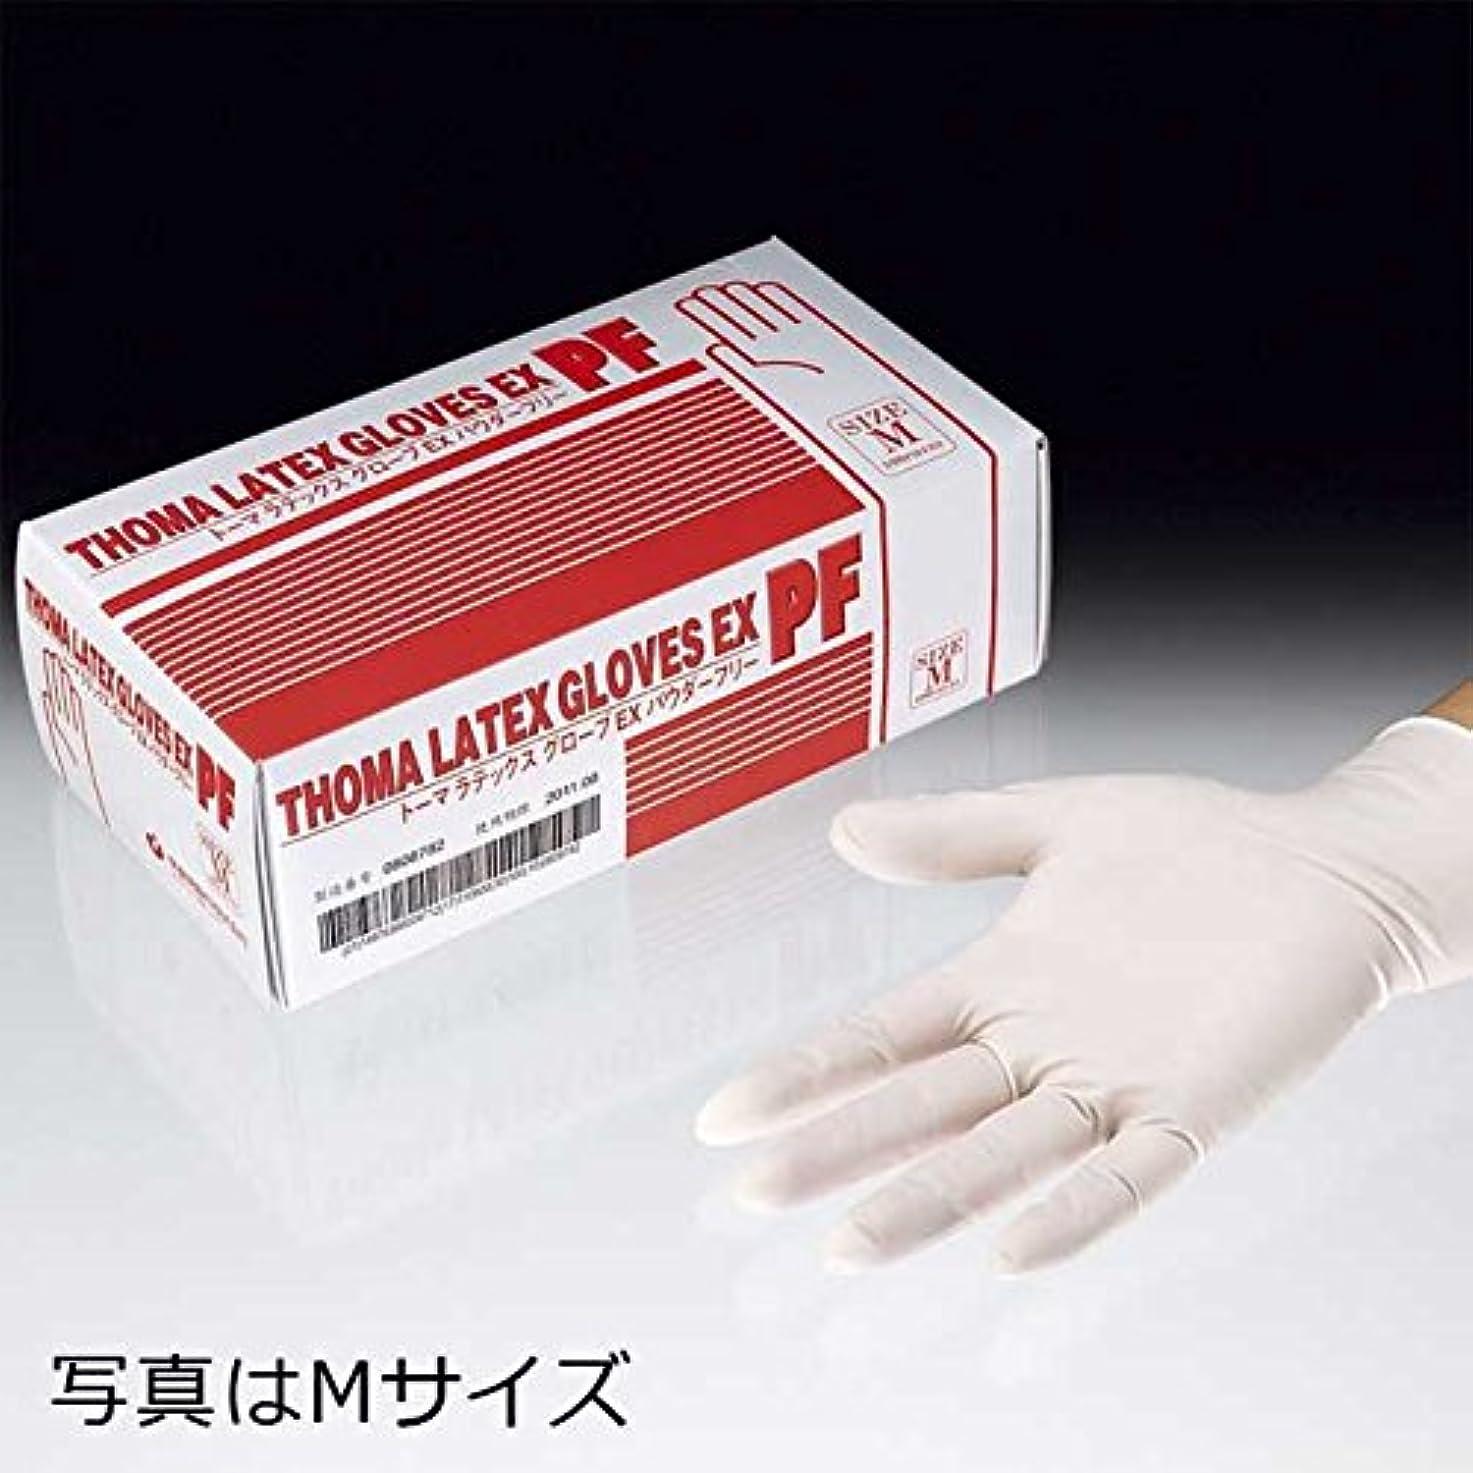 トーマラテックス手袋EX PF 天然ゴム 使い捨て手袋 粉なし2000枚 (100枚入り20箱) (SS)